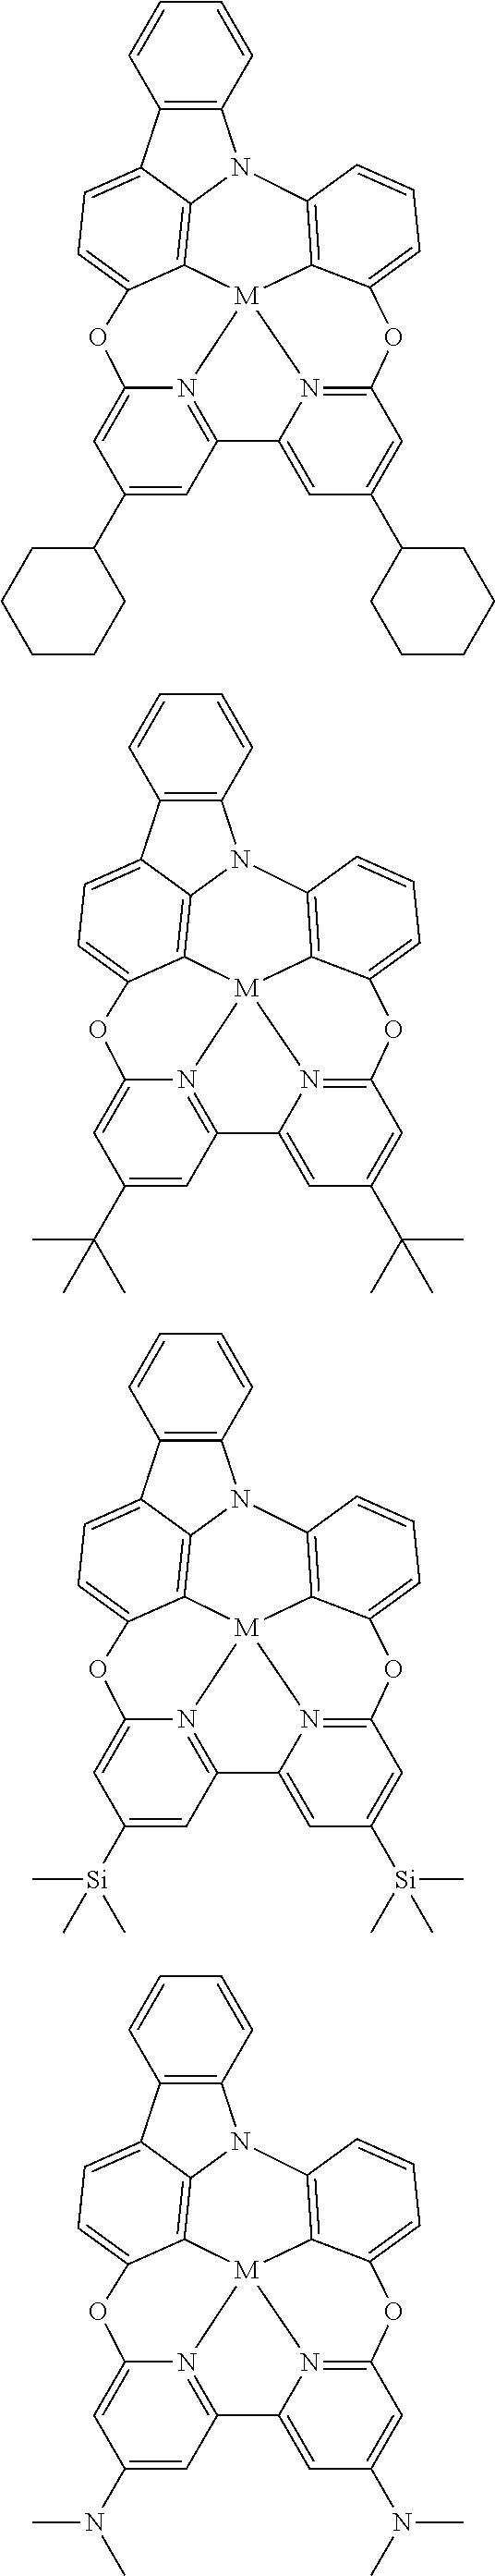 Figure US10158091-20181218-C00088